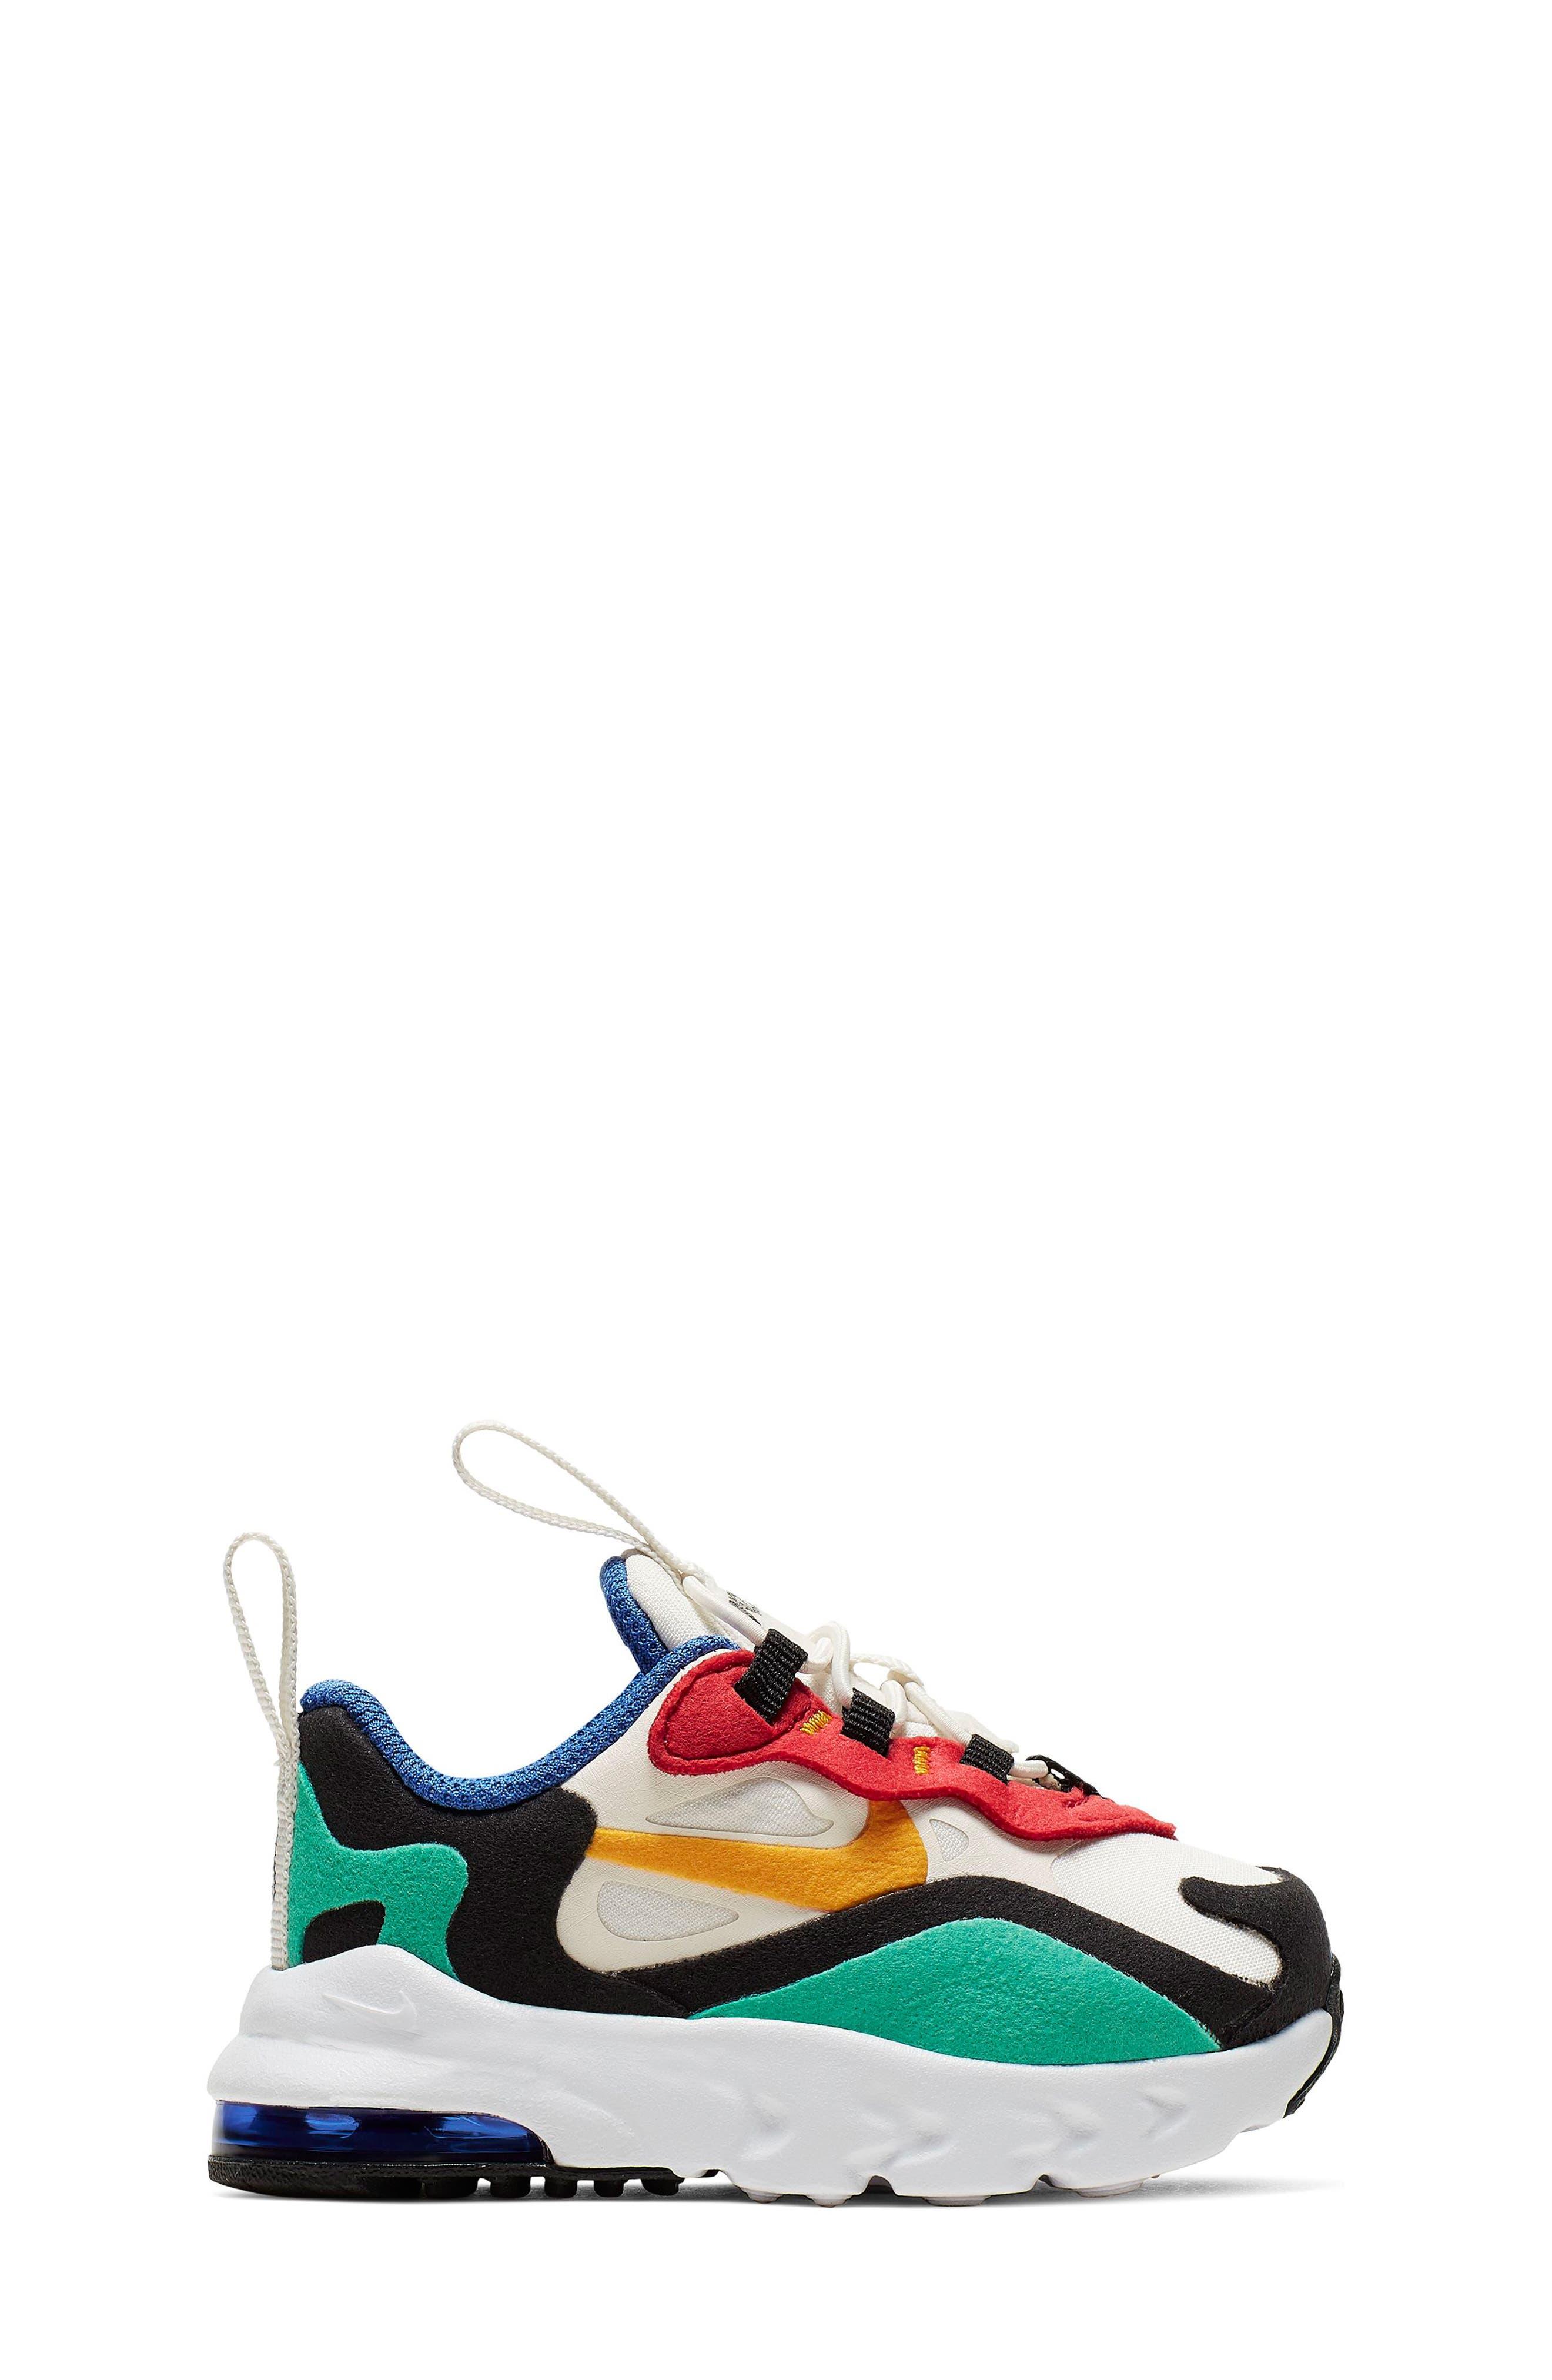 Toddler Girls Nike Air Max 270 React Sneaker Size 12 M  Black